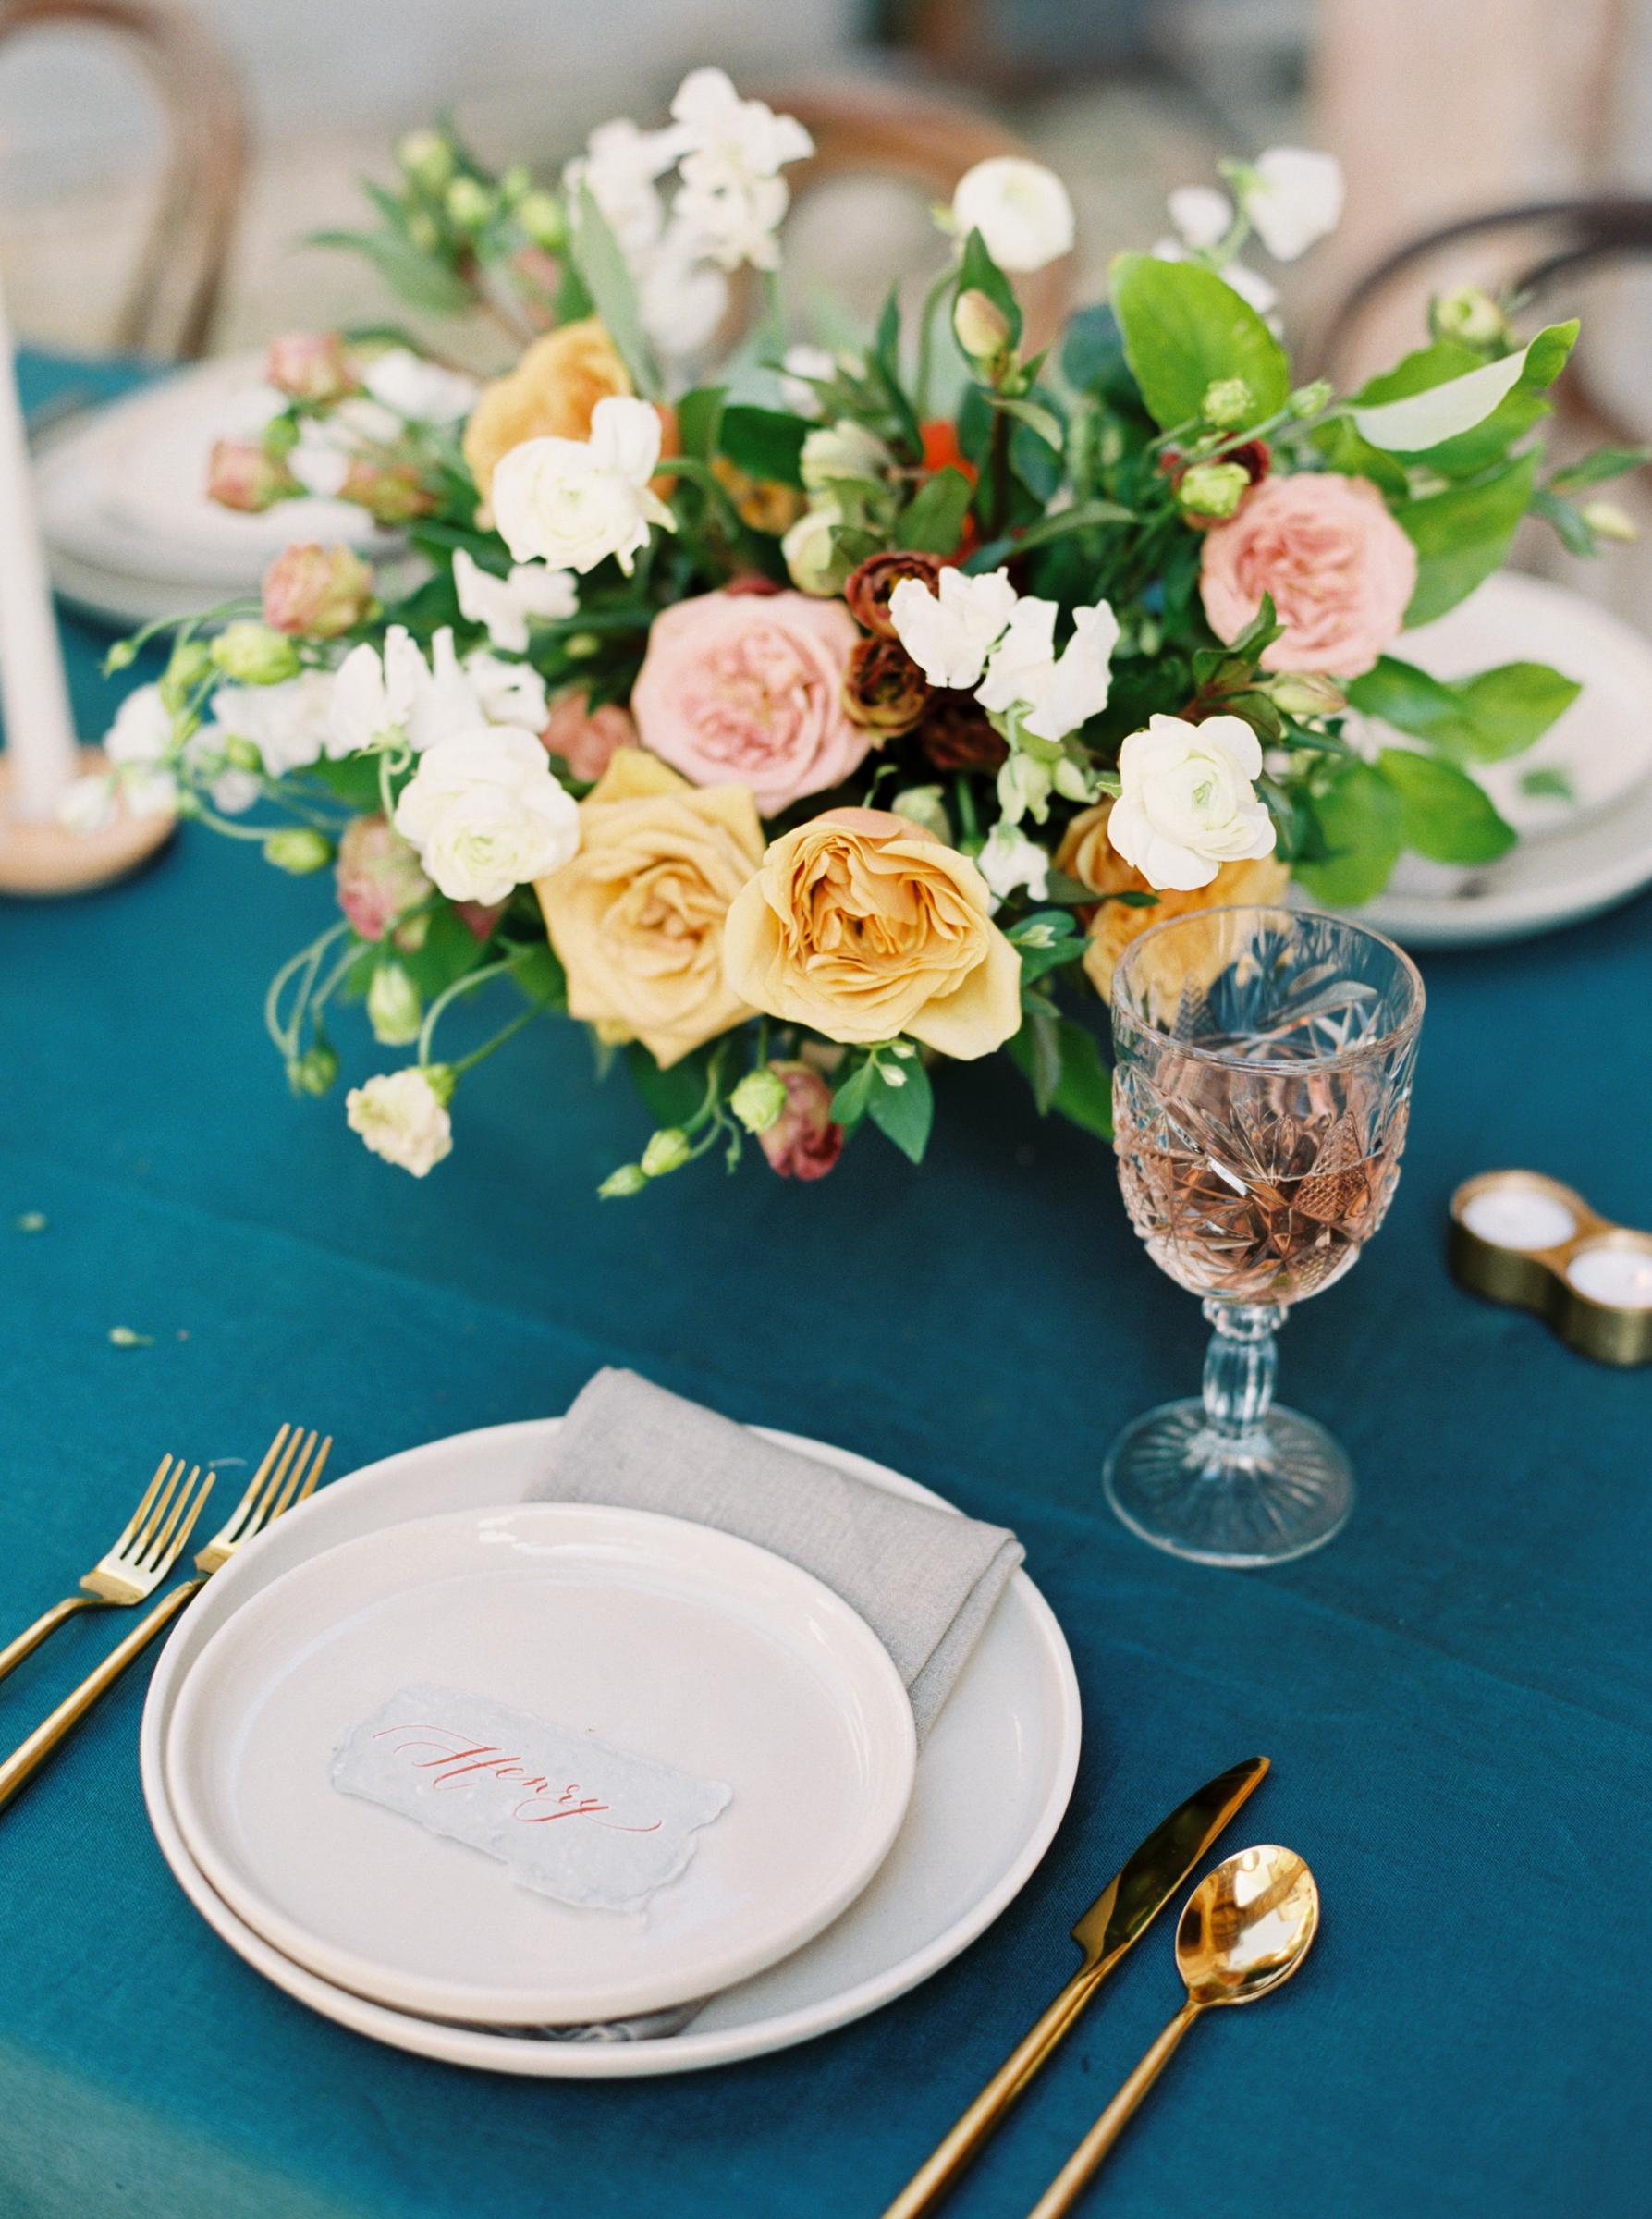 Race-and-religious-wedding-inspiration-shannon-skloss-126.jpg